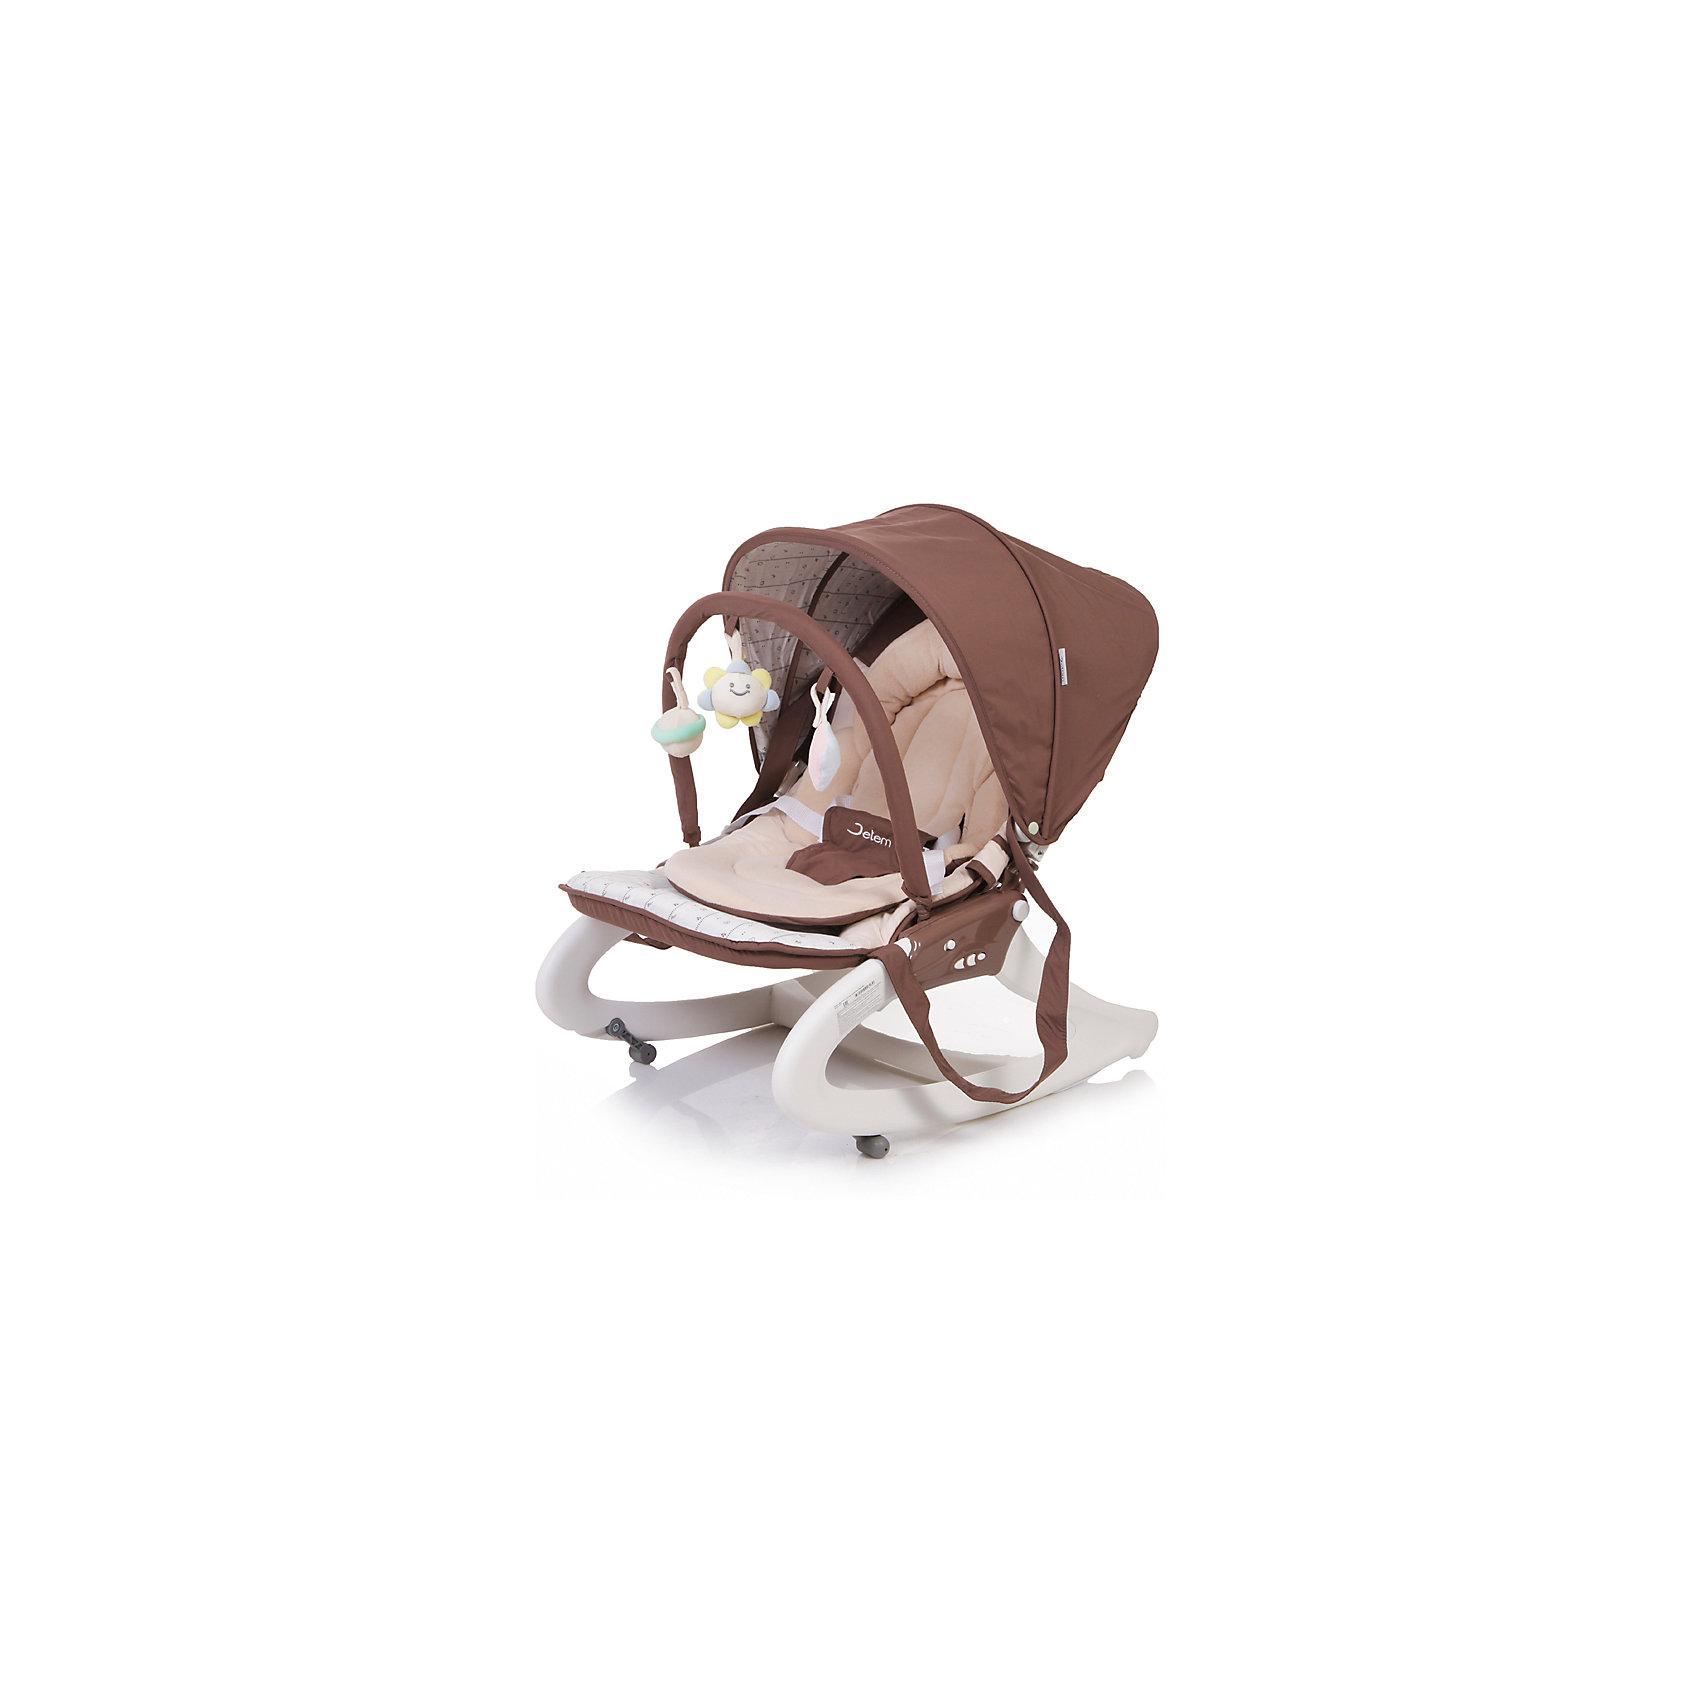 Шезлонг Premium, Jetem, бежево-коричневыйУютный и компактный шезлонг Premium, Jetem, (Жетем Премиум) станет абсолютно незаменимым помощником мамы в быту! Благодаря легкой трансформации он может превращаться из кресла в качалку, из сидения в люльку! Уютный шезлонг, благодаря которому Ваш малыш всегда будет под присмотром: он может играться в этом шезлонге с милейшими зверьками на дуге, может послушать одну из трех встроенных, чудесных песенок, а может и сладко подремать, ведь наклон спинки регулируется вплоть до горизонтального положения. Кроме того, у шезлонга есть мягкий подголовник и ортопедическая подкладка, которые замечательно подстроятся под телосложение малыша, а капюшон, с свою очередь, обезопасит малыша от солнечных лучей и сквозняков. Для удобной переноски шезлонга предусмотрена ручка. Приятная, нежная, благородная расцветка, без всяких сомнений, понравится как ребенку, так и родителям, и будет прекрасно сочетаться с любым интерьером!<br><br>Дополнительная информация:<br><br>- Комплект: шезлонг, ручка для переноски, капюшон, дуга с игрушками;<br>- Люлька, шезлонг и отличная переноска;<br>- Пятиточечные ремни безопасности;<br>- Виброблок с 2-мя скоростями вибрации;<br>- Музыкальный центр с 3-мя мелодиями;<br>- Регулируемый наклон спинки до горизонтального положения;<br>- Удобная ручка для переноски;<br>- Подголовник и ортопедическая подкладка;<br>- Подкладка быстро снимается для удобной чистки;<br>- Цвет: Brown;<br>- Размер внутреннего сидения: 38 х 52 х 34 см;<br>- Длина внутреннего сидения: 89 см;<br>- Вес: 3,7 кг<br><br>Шезлонг Premium, Jetem, (Жетем Премиум) бежево-коричневый, можно купить в нашем интернет-магазине.<br><br>Ширина мм: 460<br>Глубина мм: 420<br>Высота мм: 490<br>Вес г: 4600<br>Цвет: бежевый/коричневый<br>Возраст от месяцев: 0<br>Возраст до месяцев: 6<br>Пол: Унисекс<br>Возраст: Детский<br>SKU: 4414641